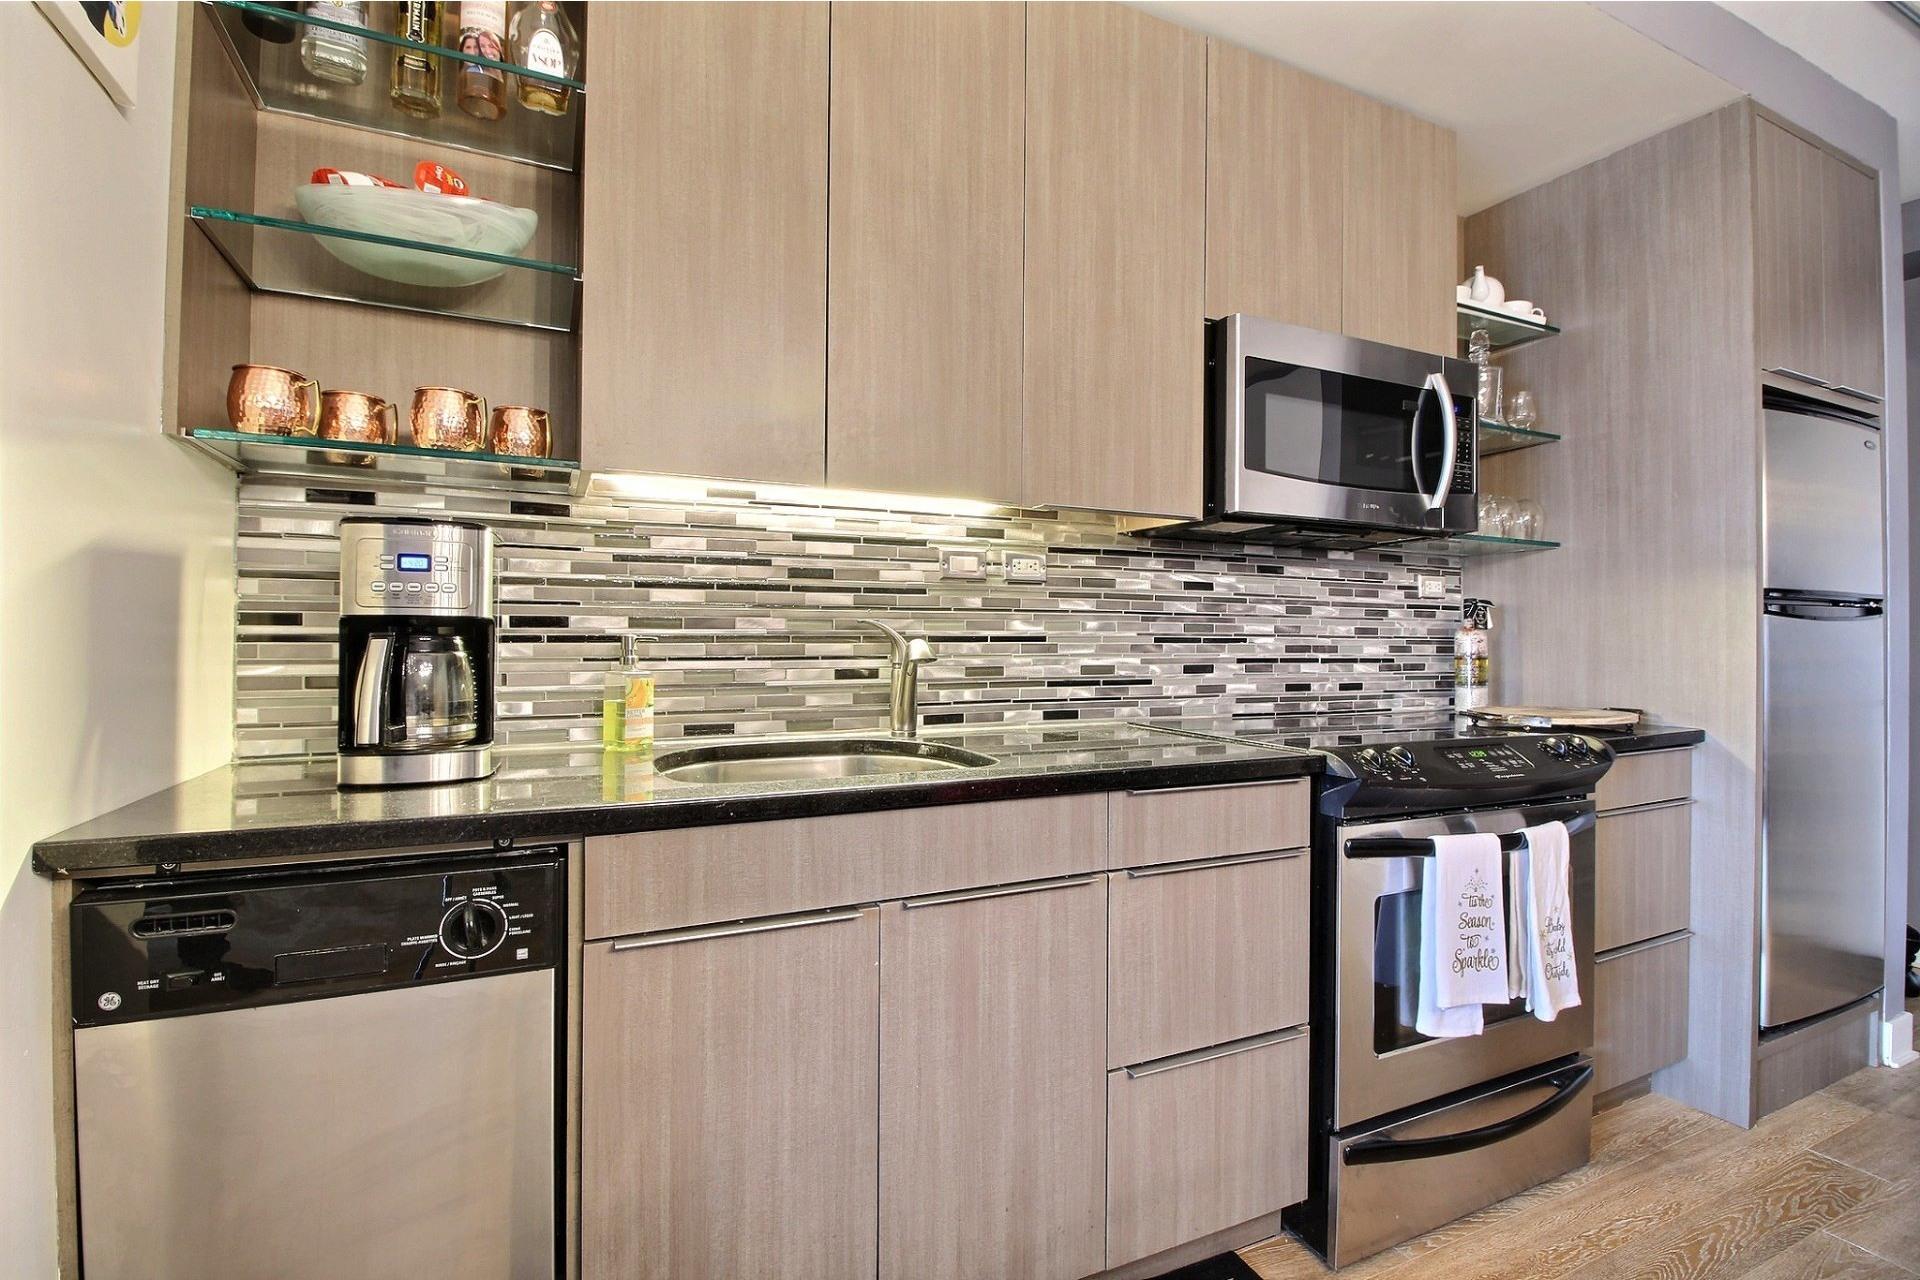 image 4 - Apartment For rent Montréal Le Sud-Ouest  - 3 rooms